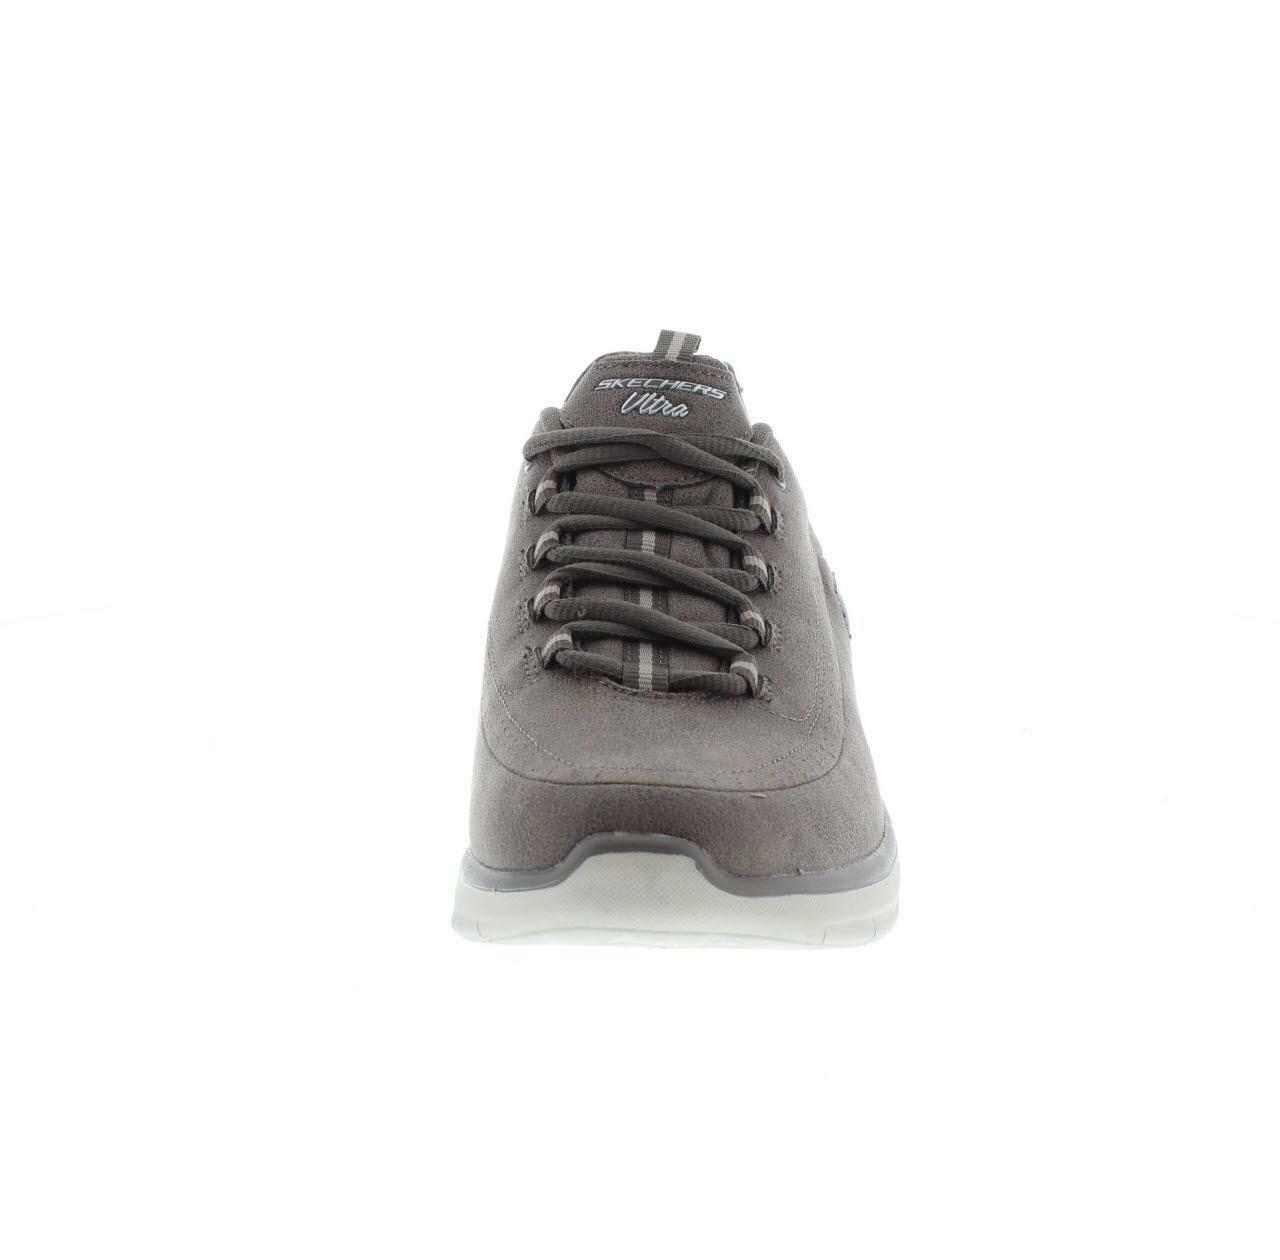 skechers skechers synergy 2.0 sneaker donna 12934/dktp